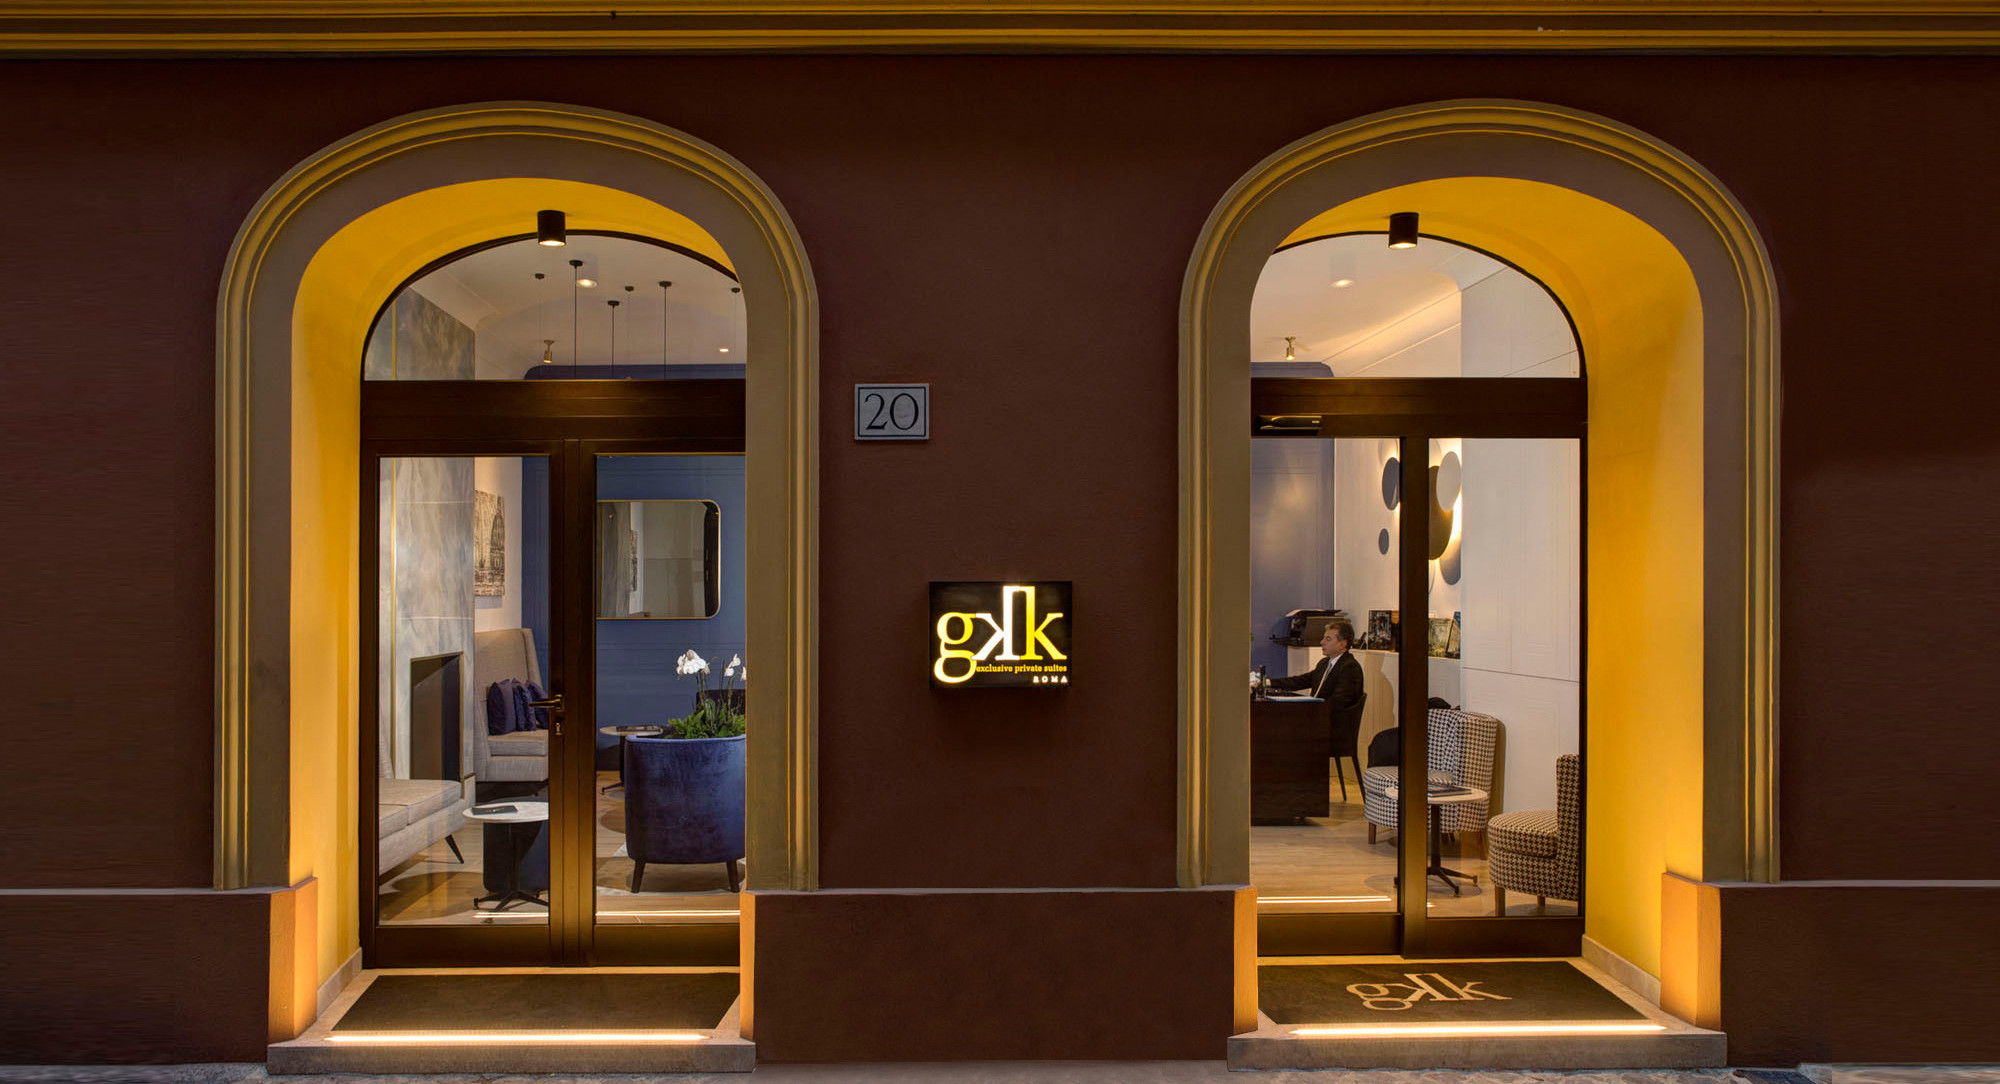 001_gkk_ingresso-3